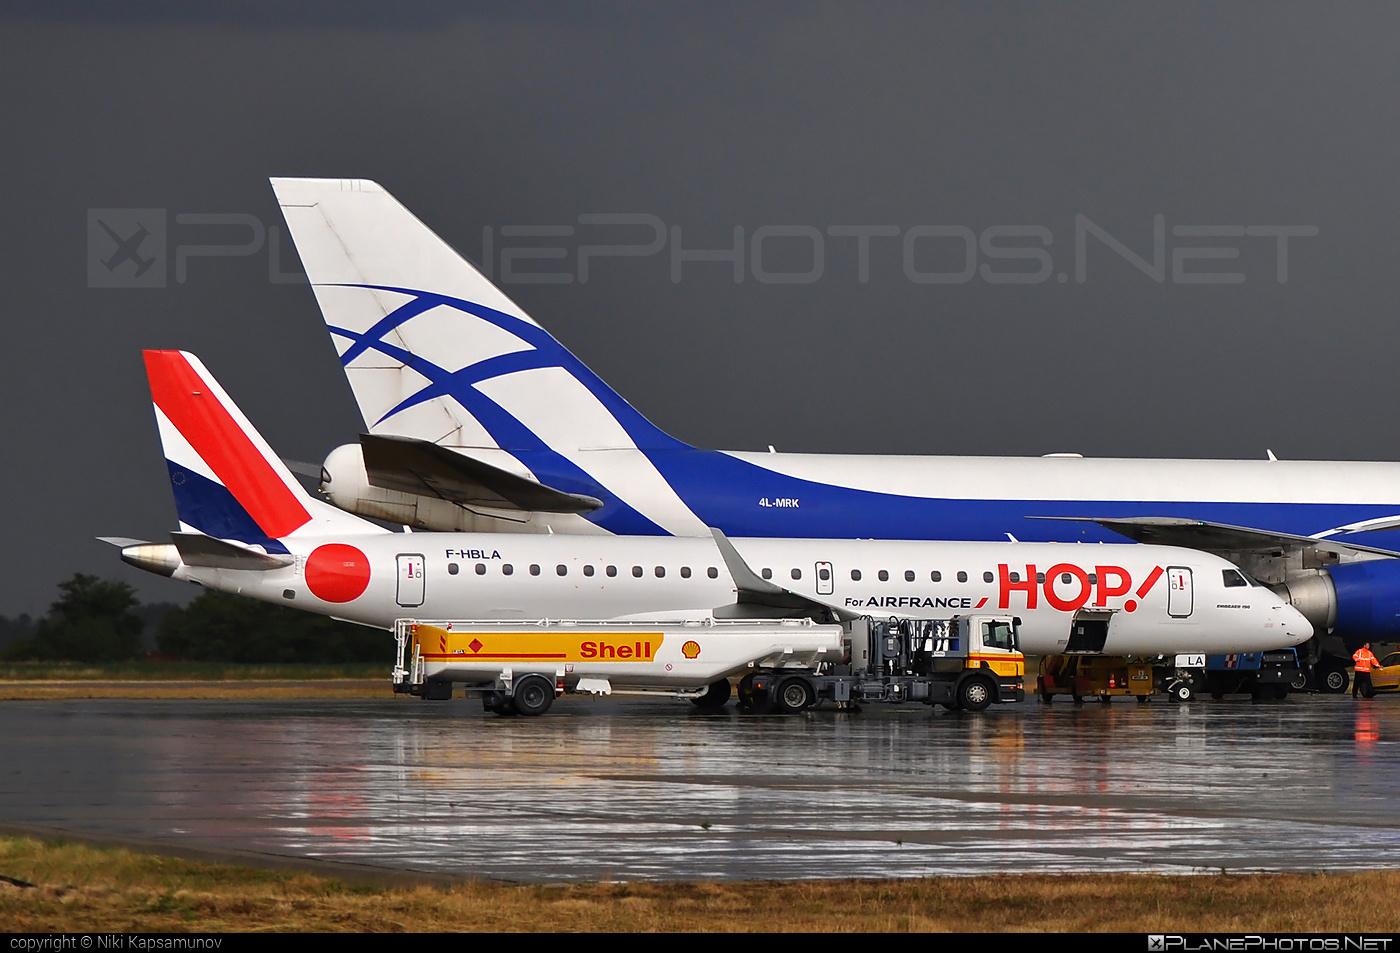 Embraer E190LR (ERJ-190-100LR) - F-HBLA operated by HOP! #e190 #e190100 #e190100lr #e190lr #embraer #embraer190 #embraer190100lr #embraer190lr #hopairlines